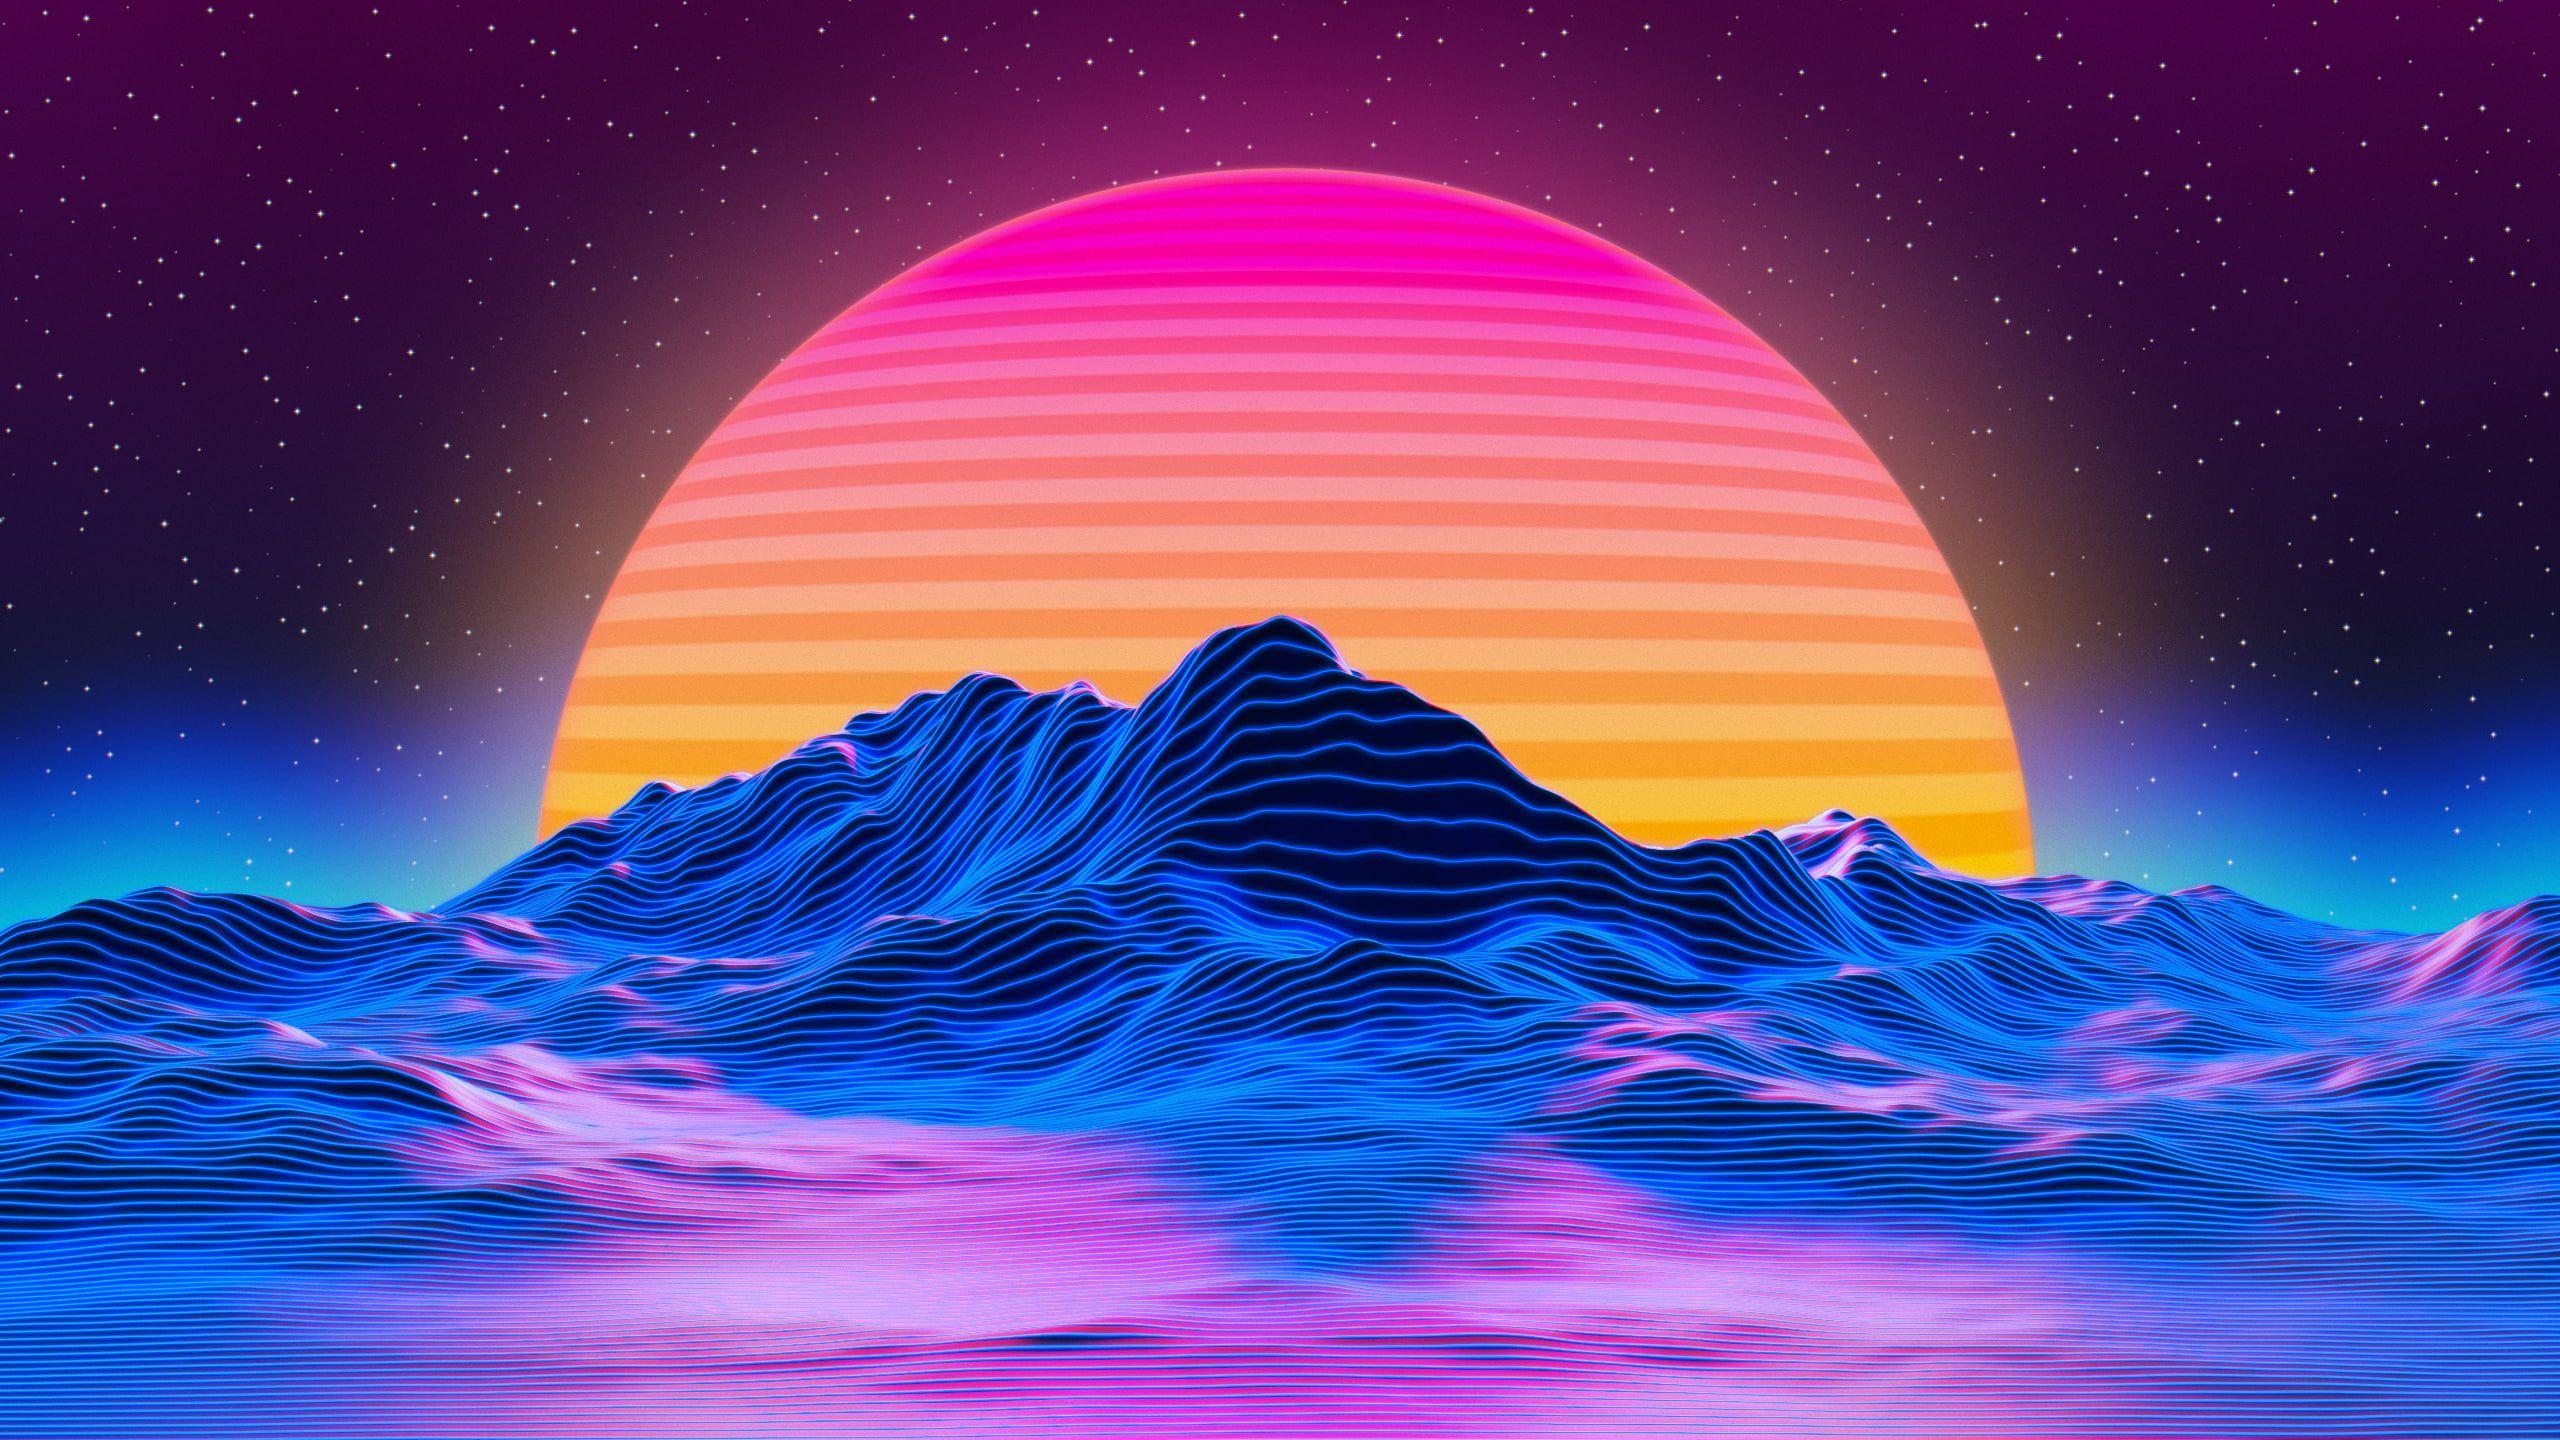 hdwallpaper vaporwave wallpaper desktop outrun 2k Fondos de 2560x1440